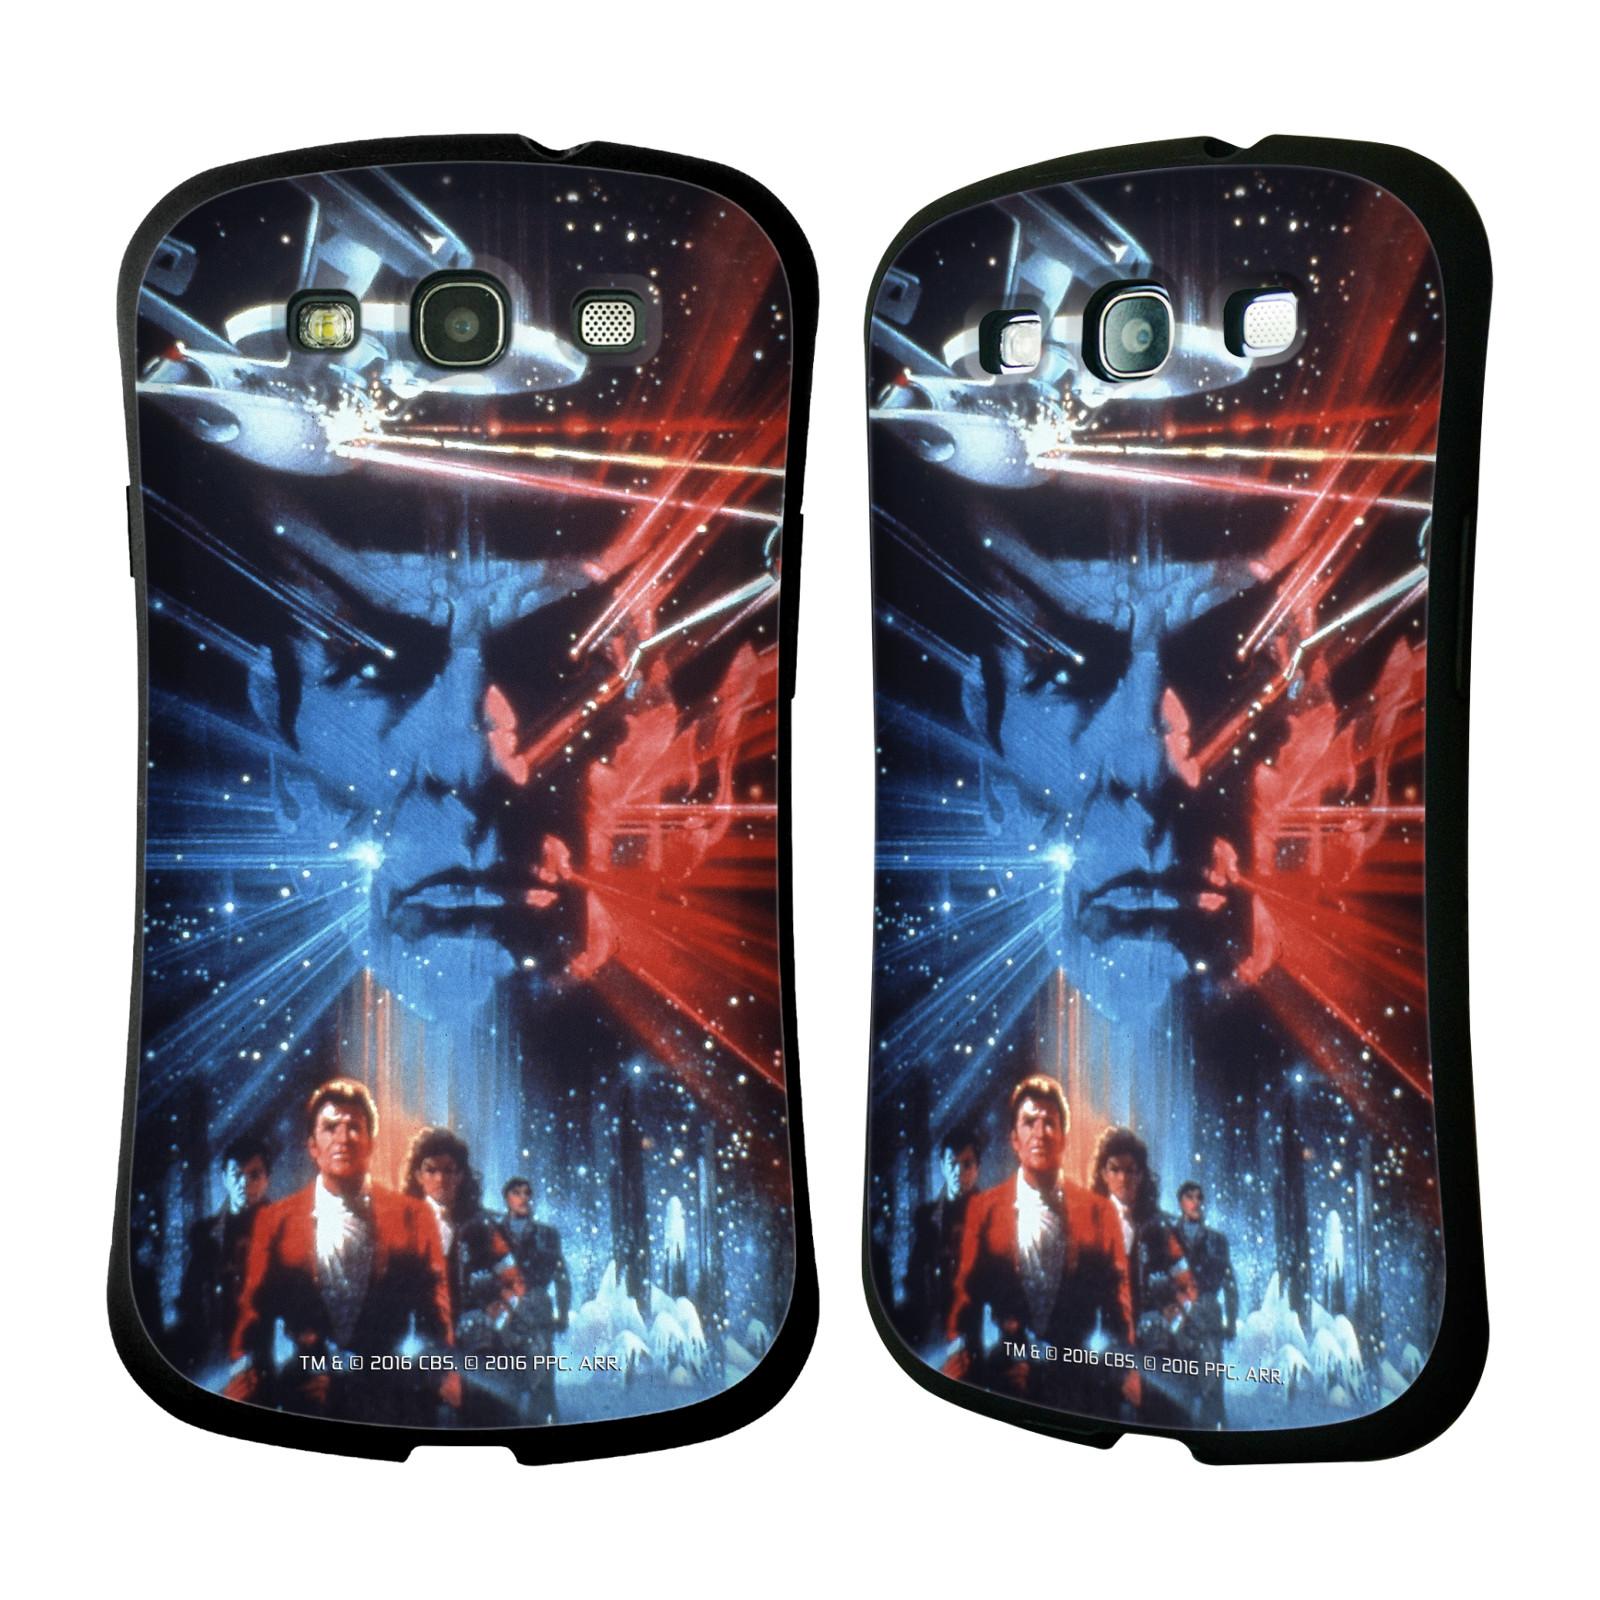 HEAD CASE silikon/plast odolný obal na mobil Samsung Galaxy S3 i9300 / S3 NEO Star Trek Filmové plakáty Pátrání po Spockovi